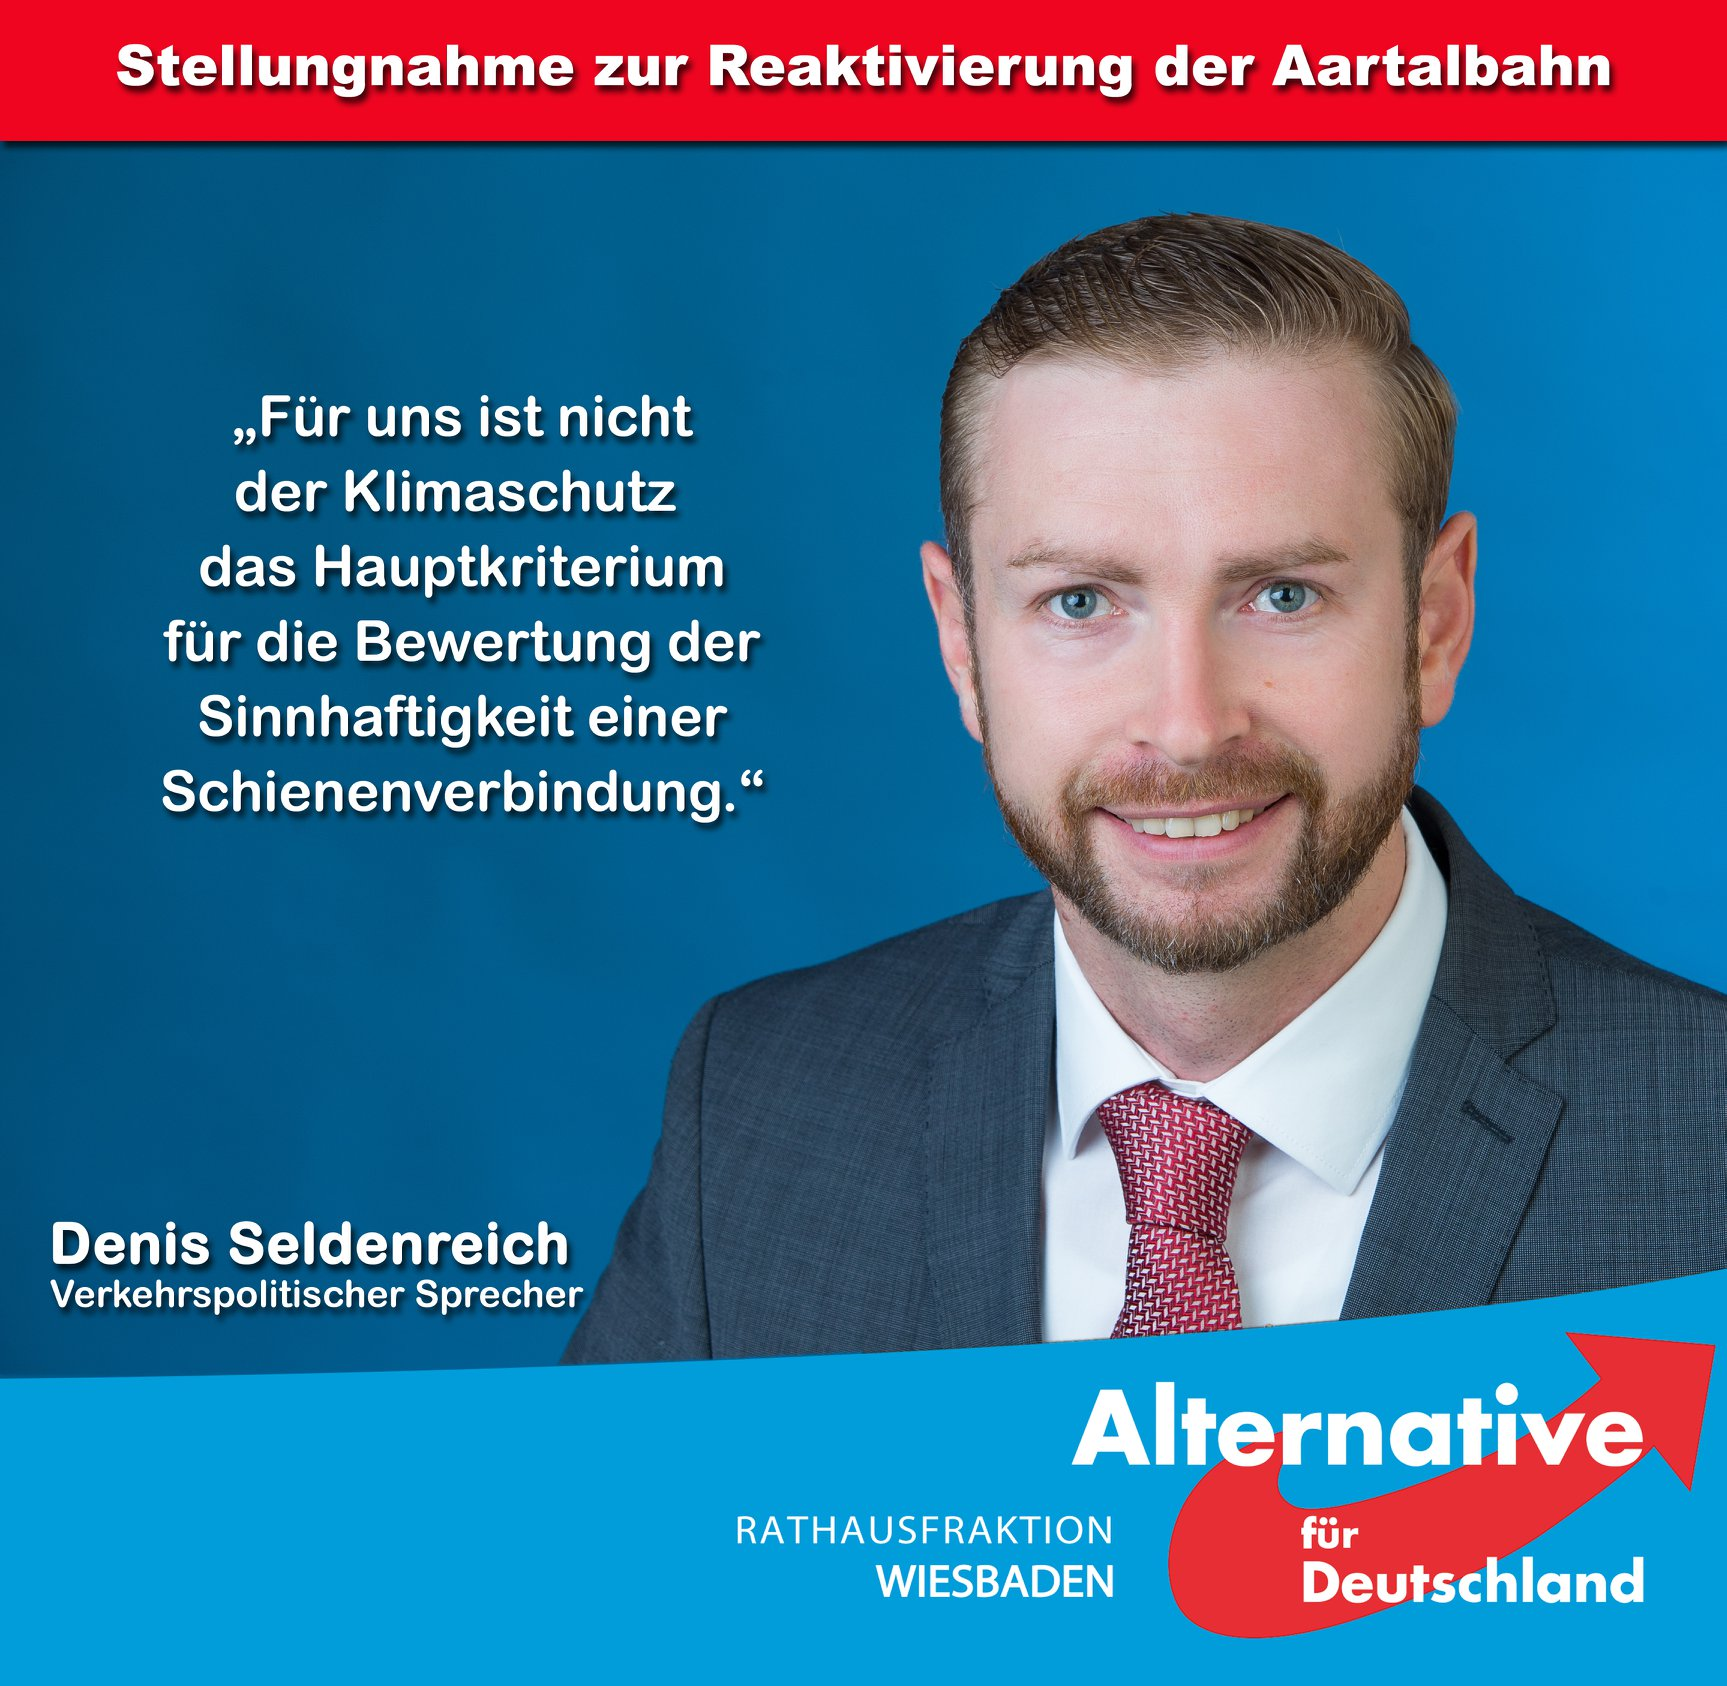 Stellungnahme – Bürgerinitiative zur Reaktivierung der Aartalbahn